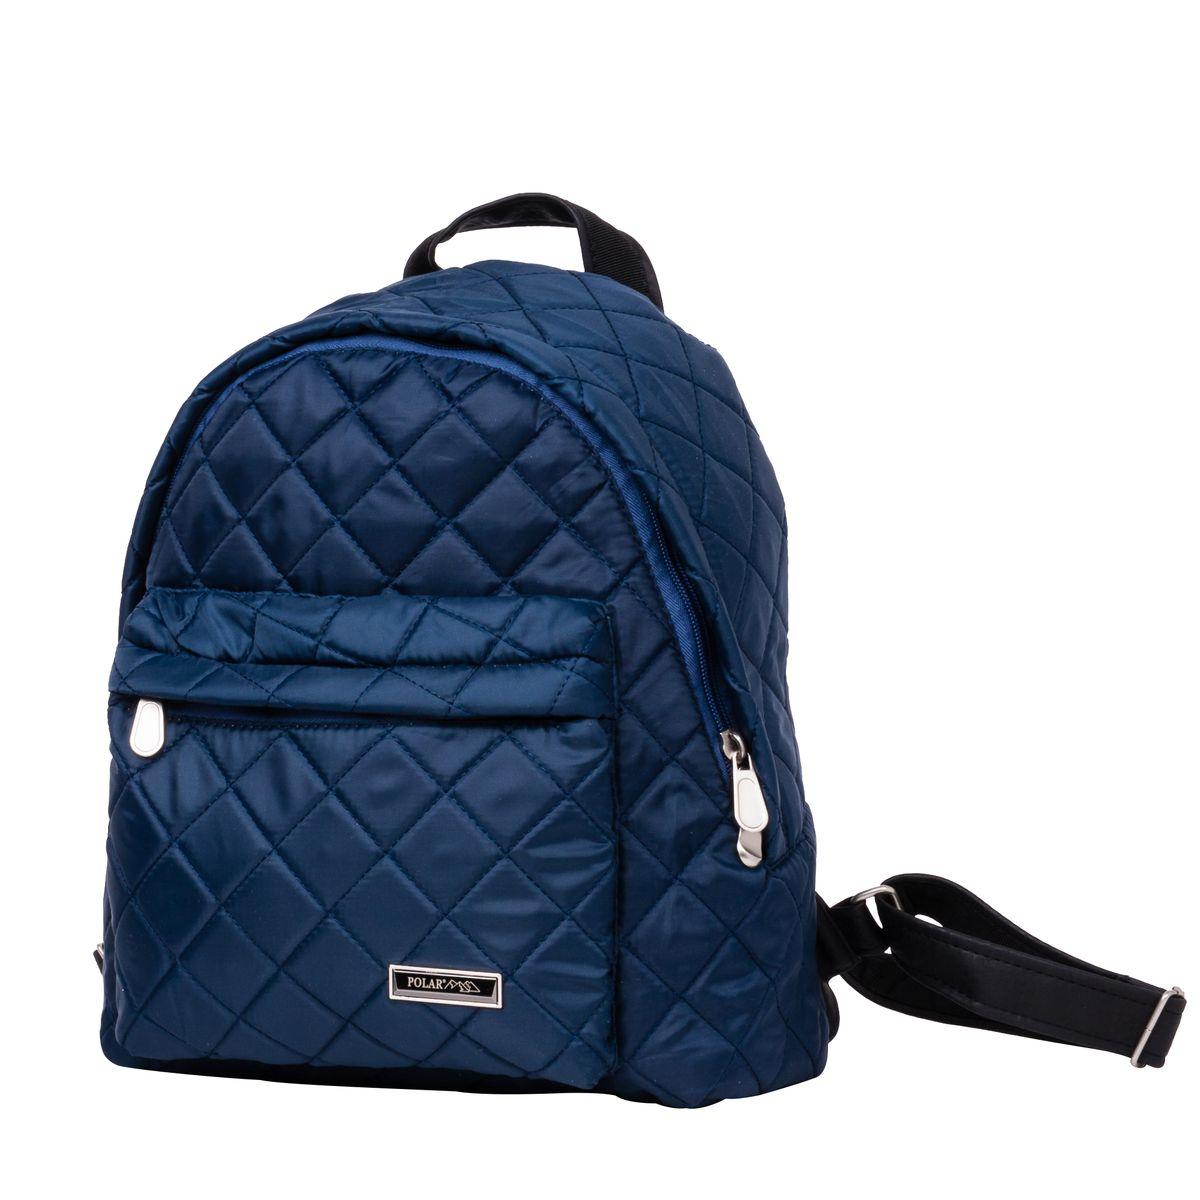 Рюкзак городской Polar, цвет: синий, 16 л. п7074-044670018862011Небольшой и очень удобный рюкзак Polar для повседневного использования. Внутри расположены два небольших открытых кармана и карман на молнии. Снаружи на передней стенке рюкзака вместительный накладной кармана на молнии. Рюкзак выполнен из стеганого материала, дно и лямки имеют вставки из экокожи. Сверху рюкзак имеет удобную ручку для переноски.